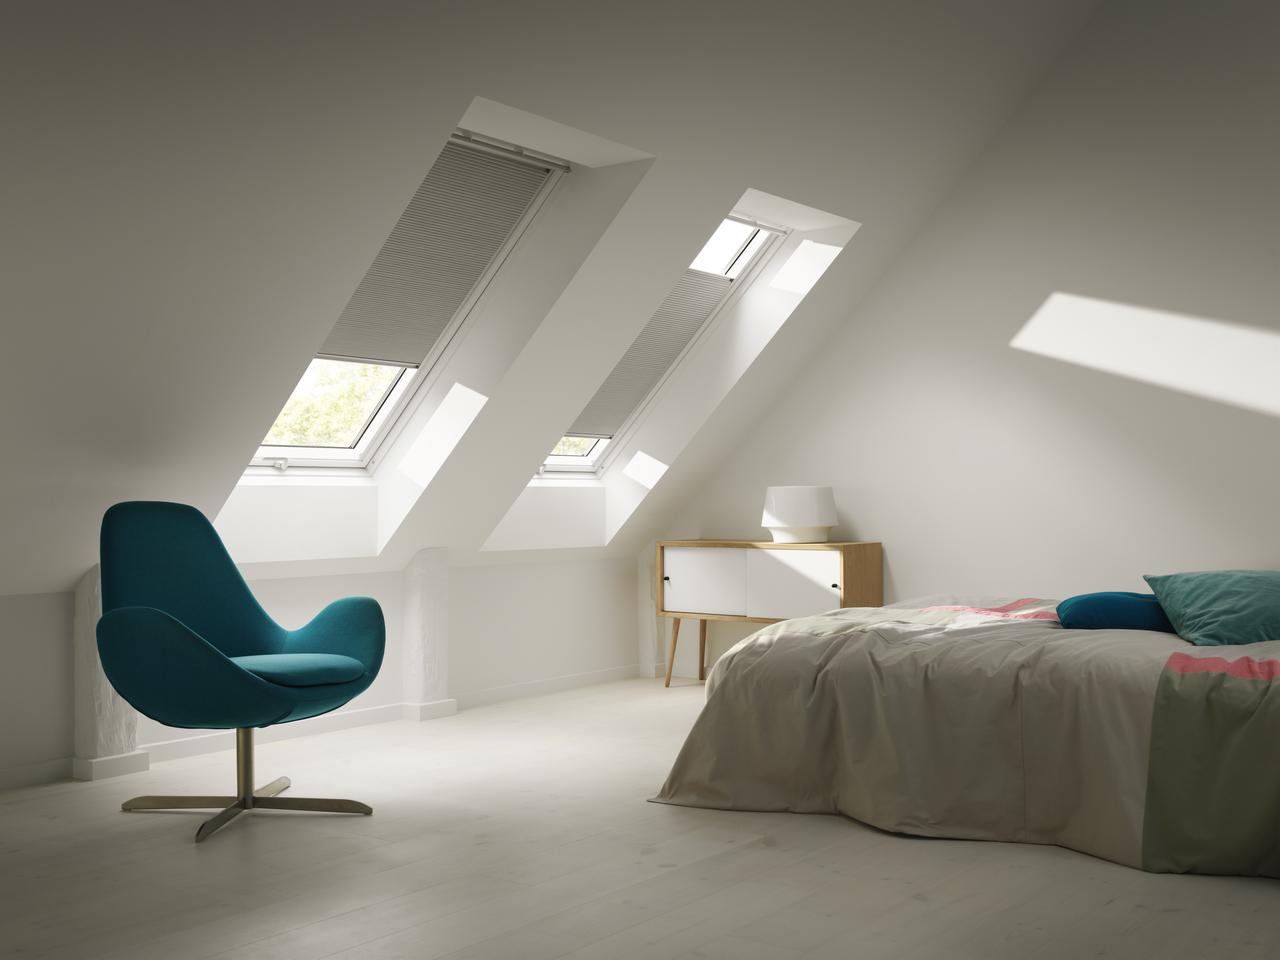 Finestre per tetti velux nuova ocim srl for Tende per finestre sottotetto